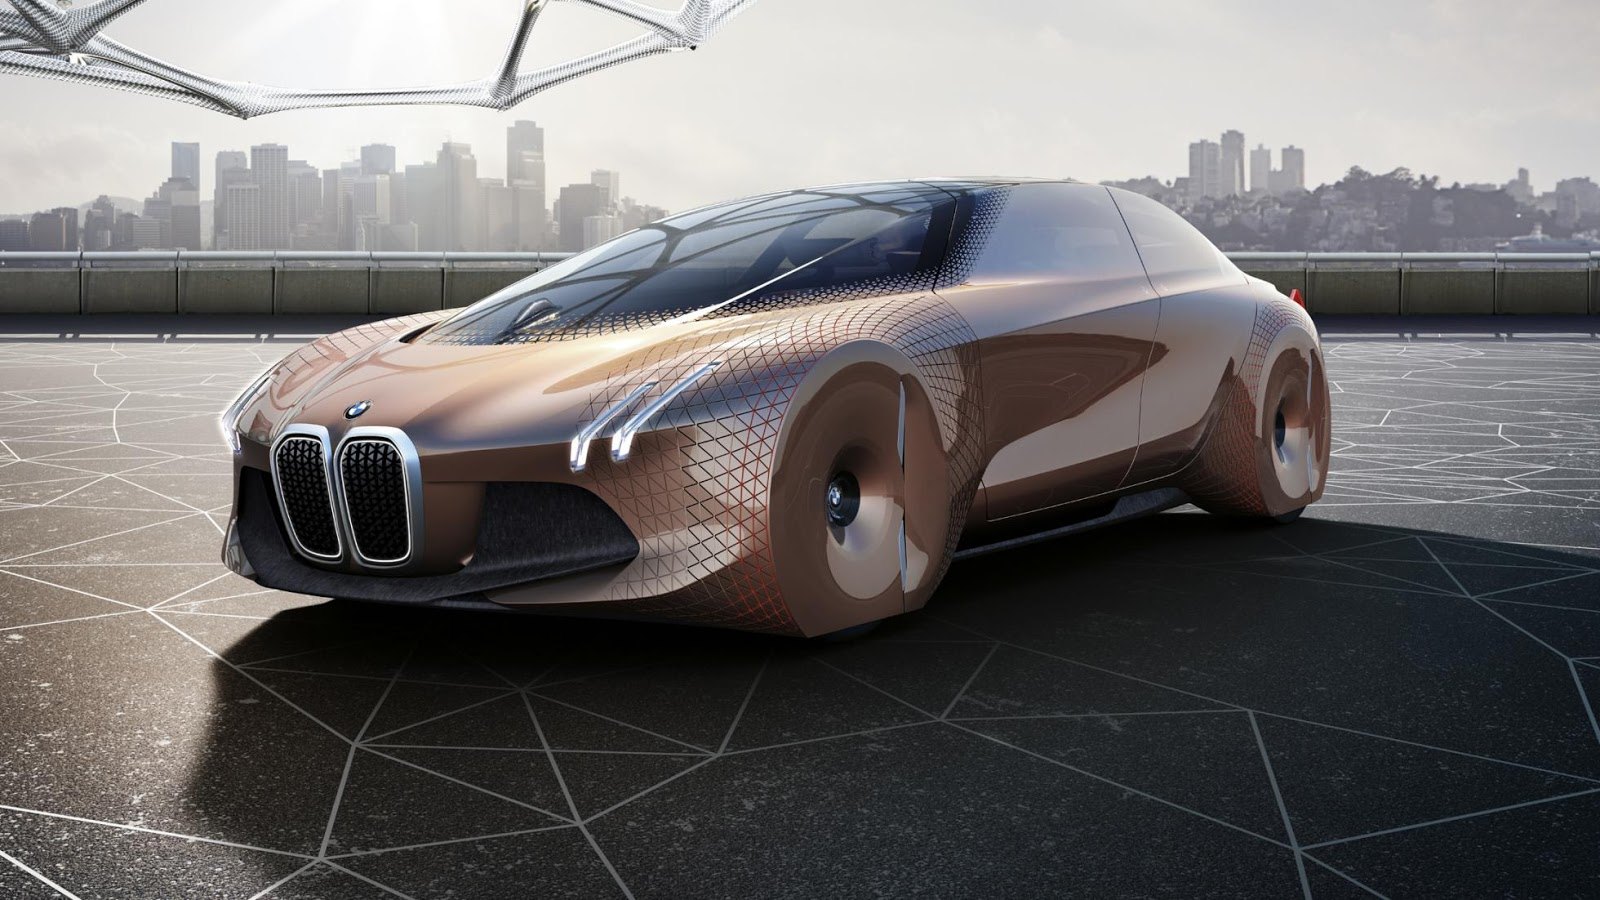 Tiết lộ BMW 'Vision Next 100' concept 100 năm nữa